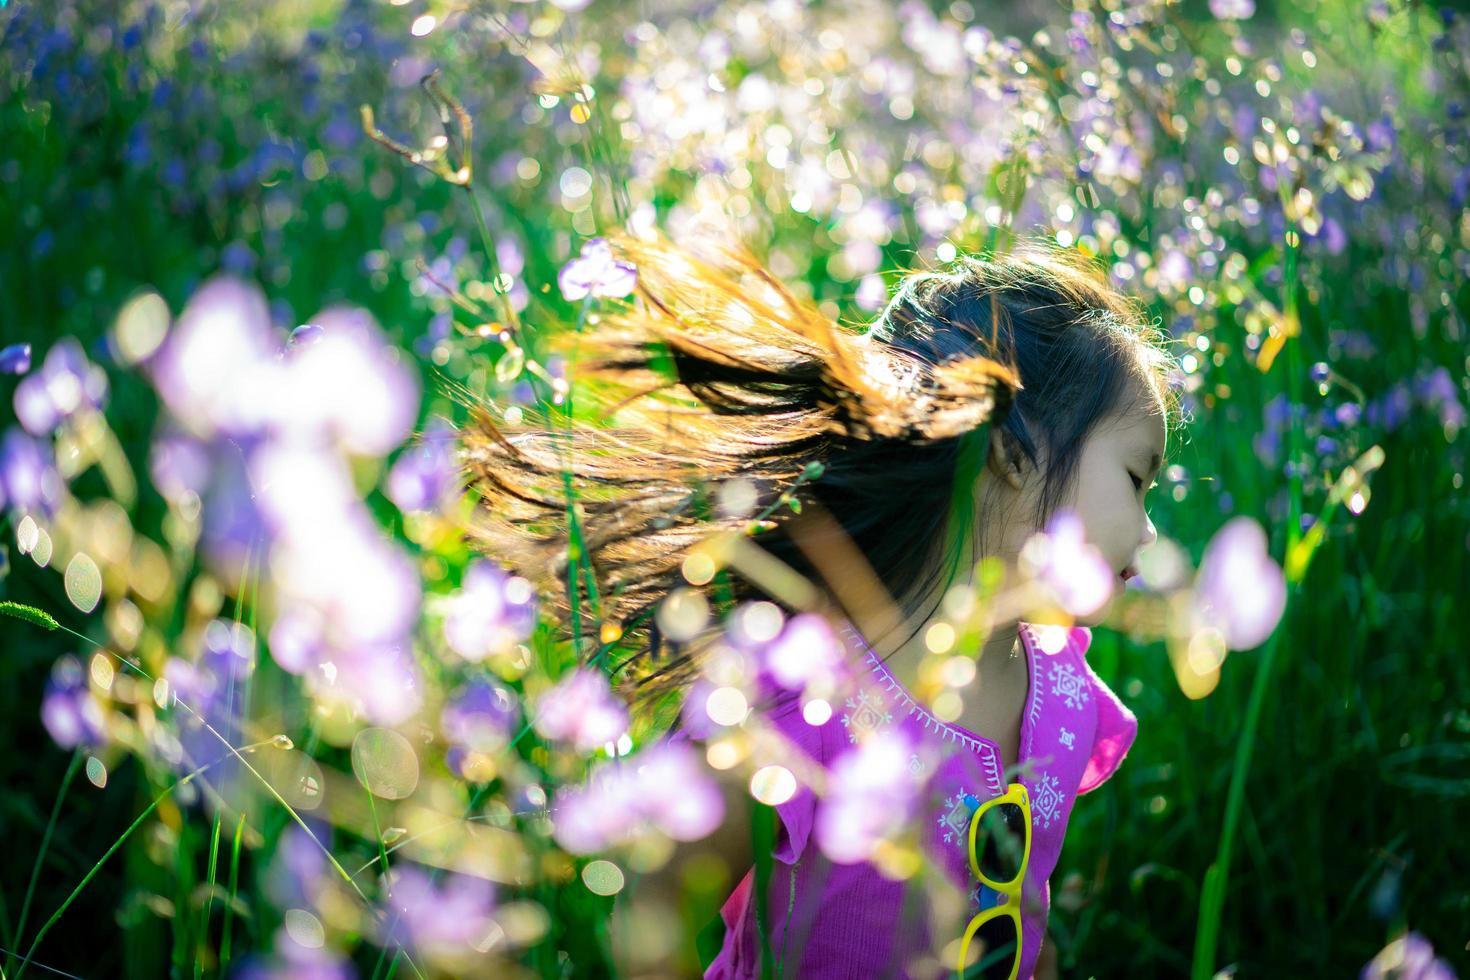 giovane ragazza asiatica in un campo di fiori foto